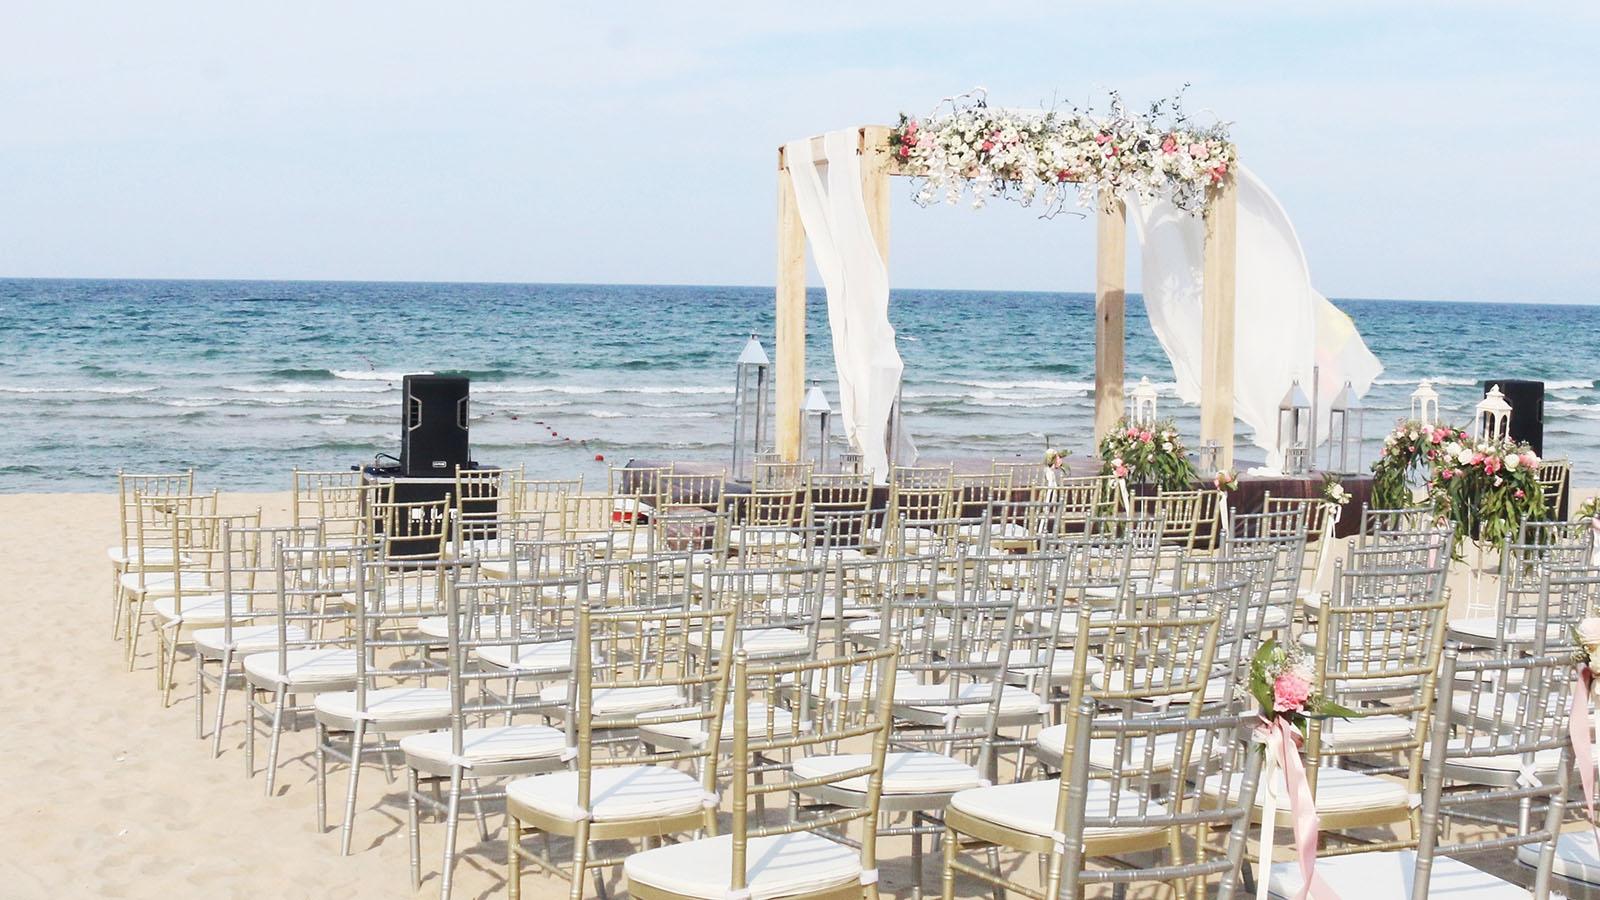 Premier Village Danang Resort Managed By AccorHotels - Nơi tổ chức đám cưới xa hoa bậc nhất Việt Nam 2